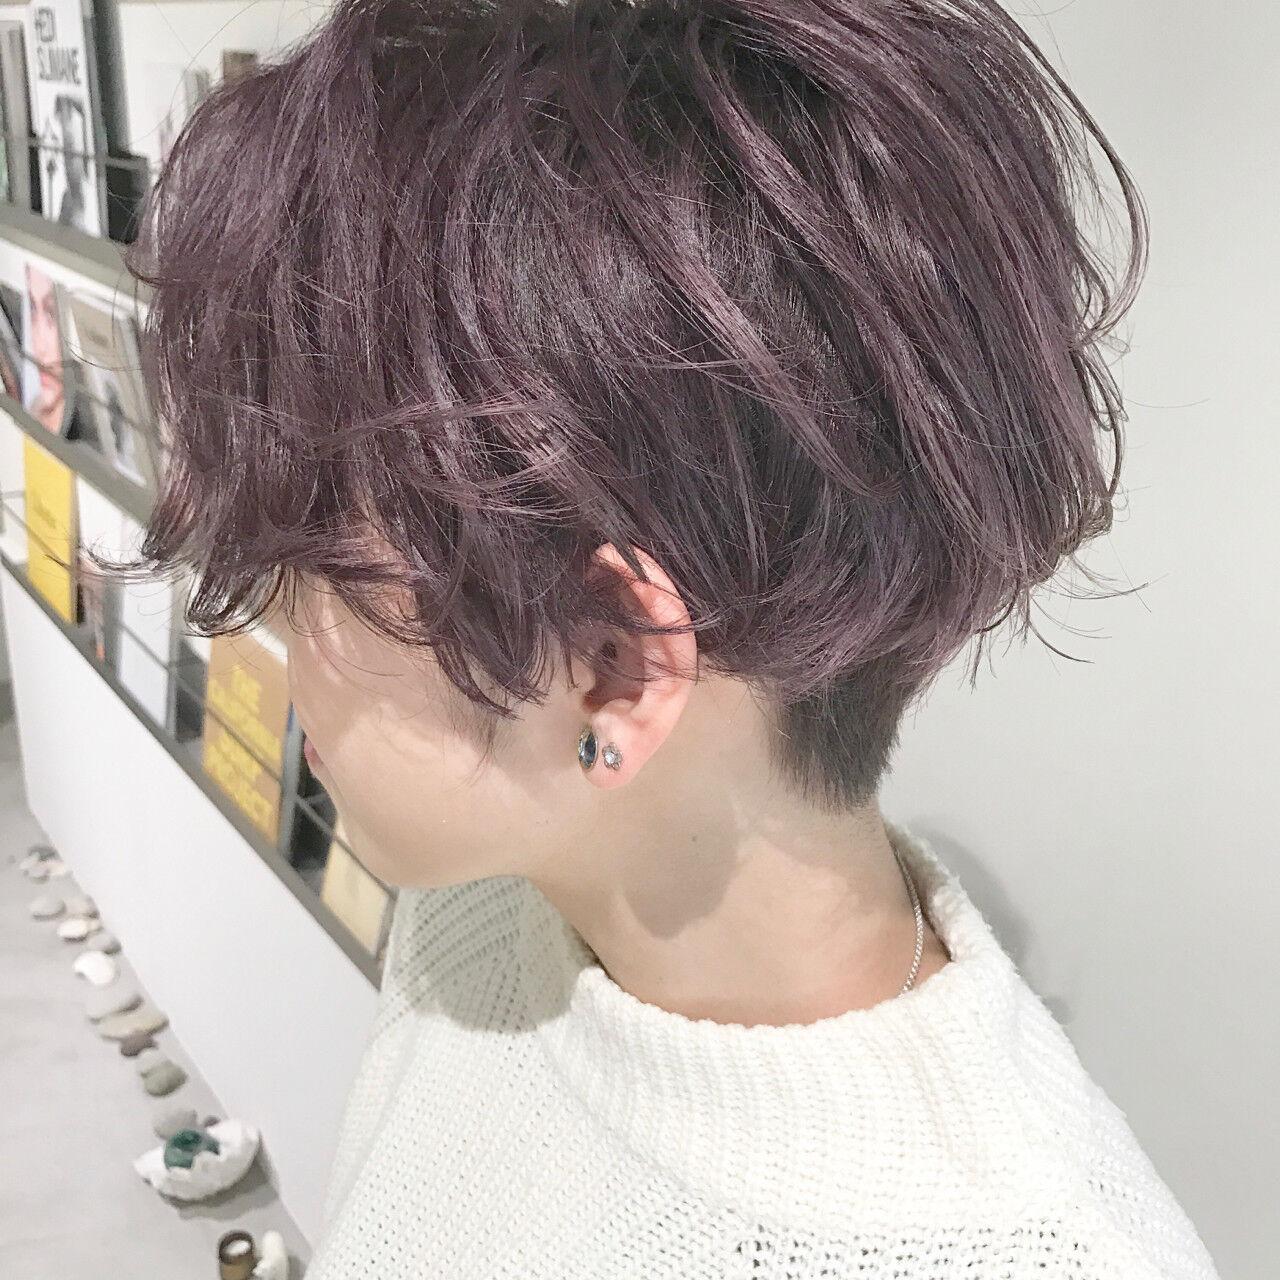 グレージュ ラベンダー ショートボブ ショートヘアスタイルや髪型の写真・画像